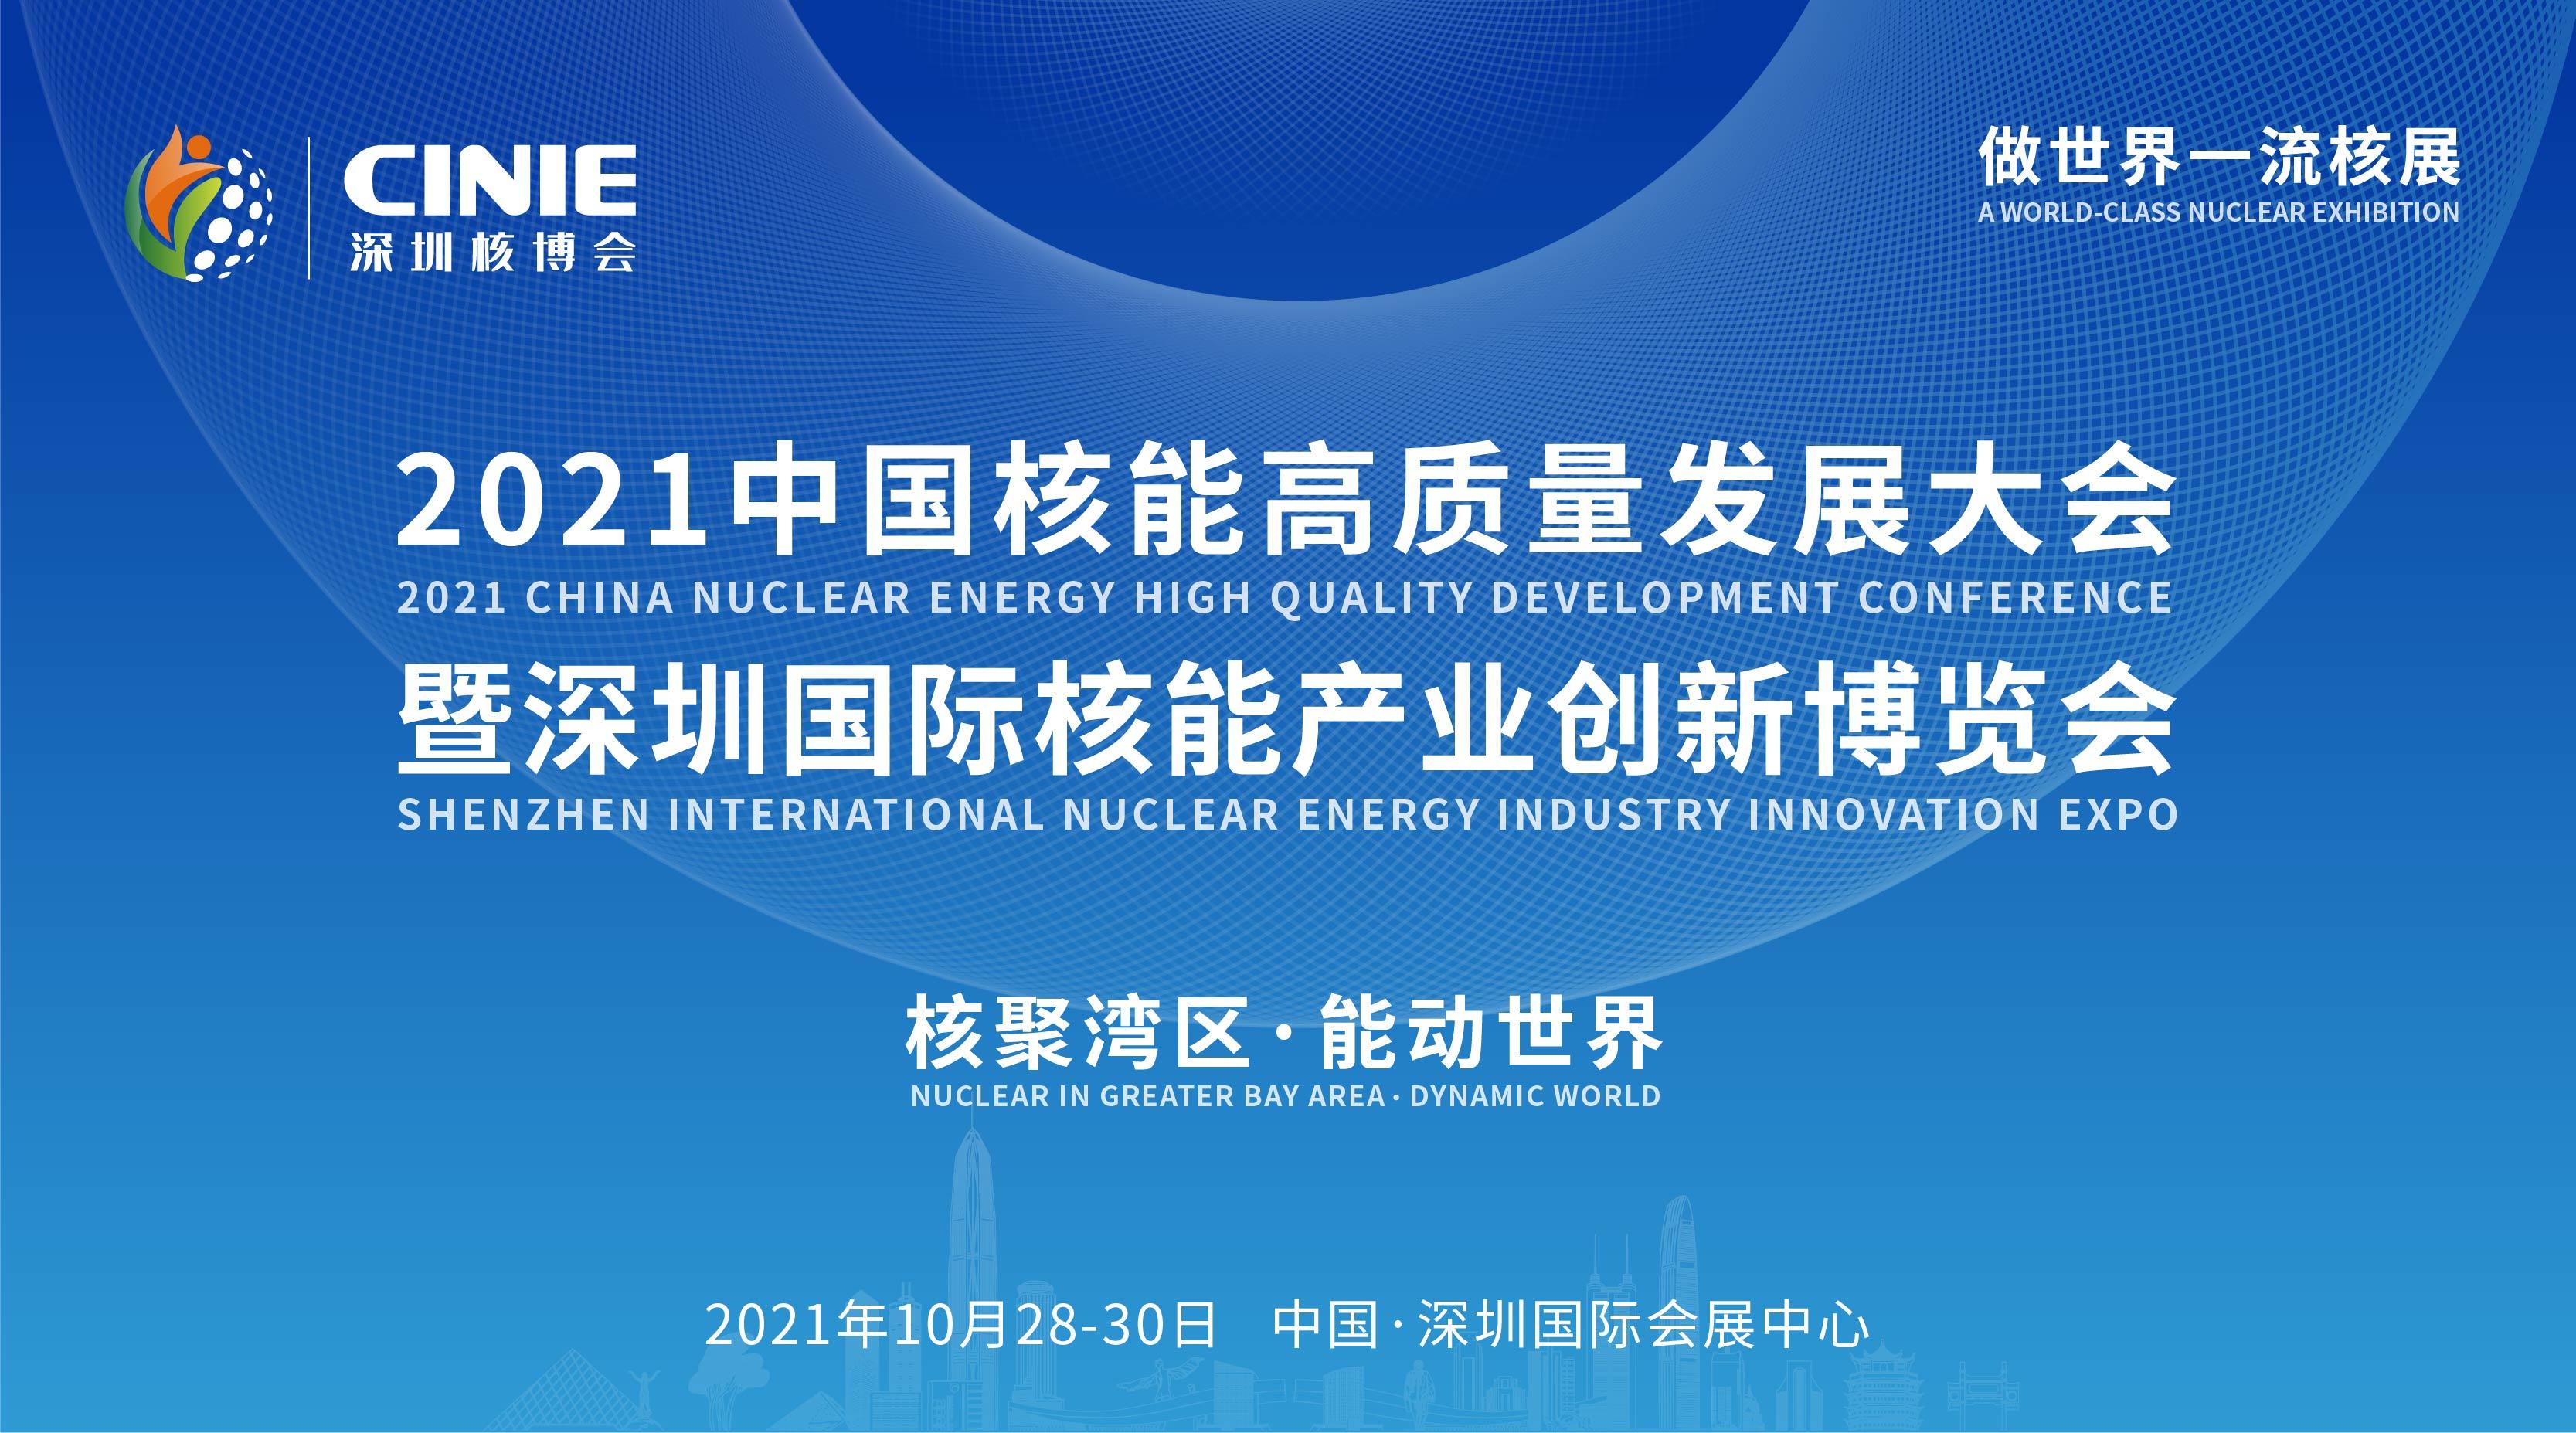 2021中國核能高質量發展大會暨深圳國際核能產業創新博覽會